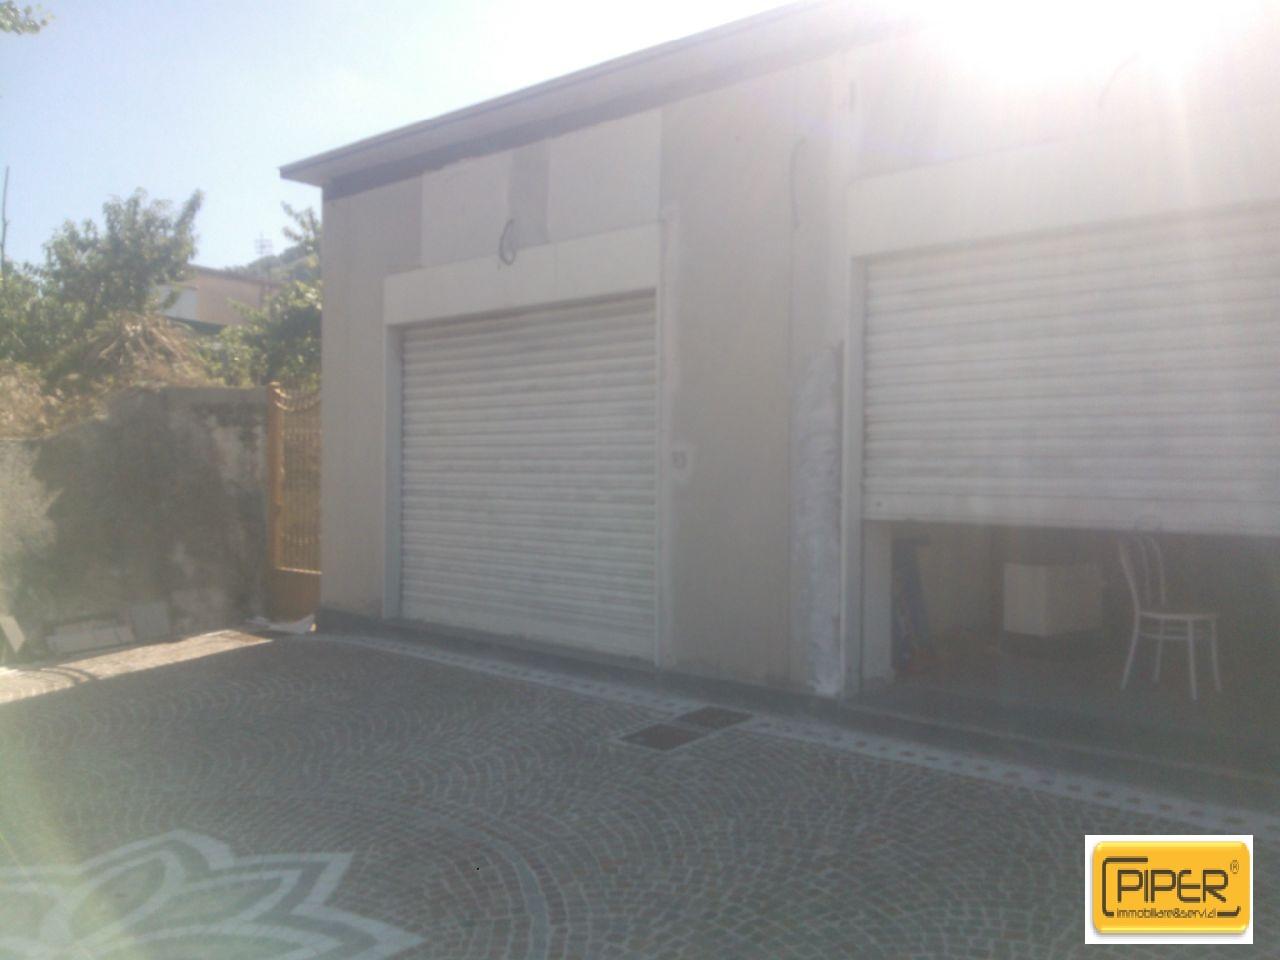 Negozio / Locale in affitto a Pozzuoli, 9999 locali, zona Località: PozzuoliAlta, prezzo € 500 | CambioCasa.it